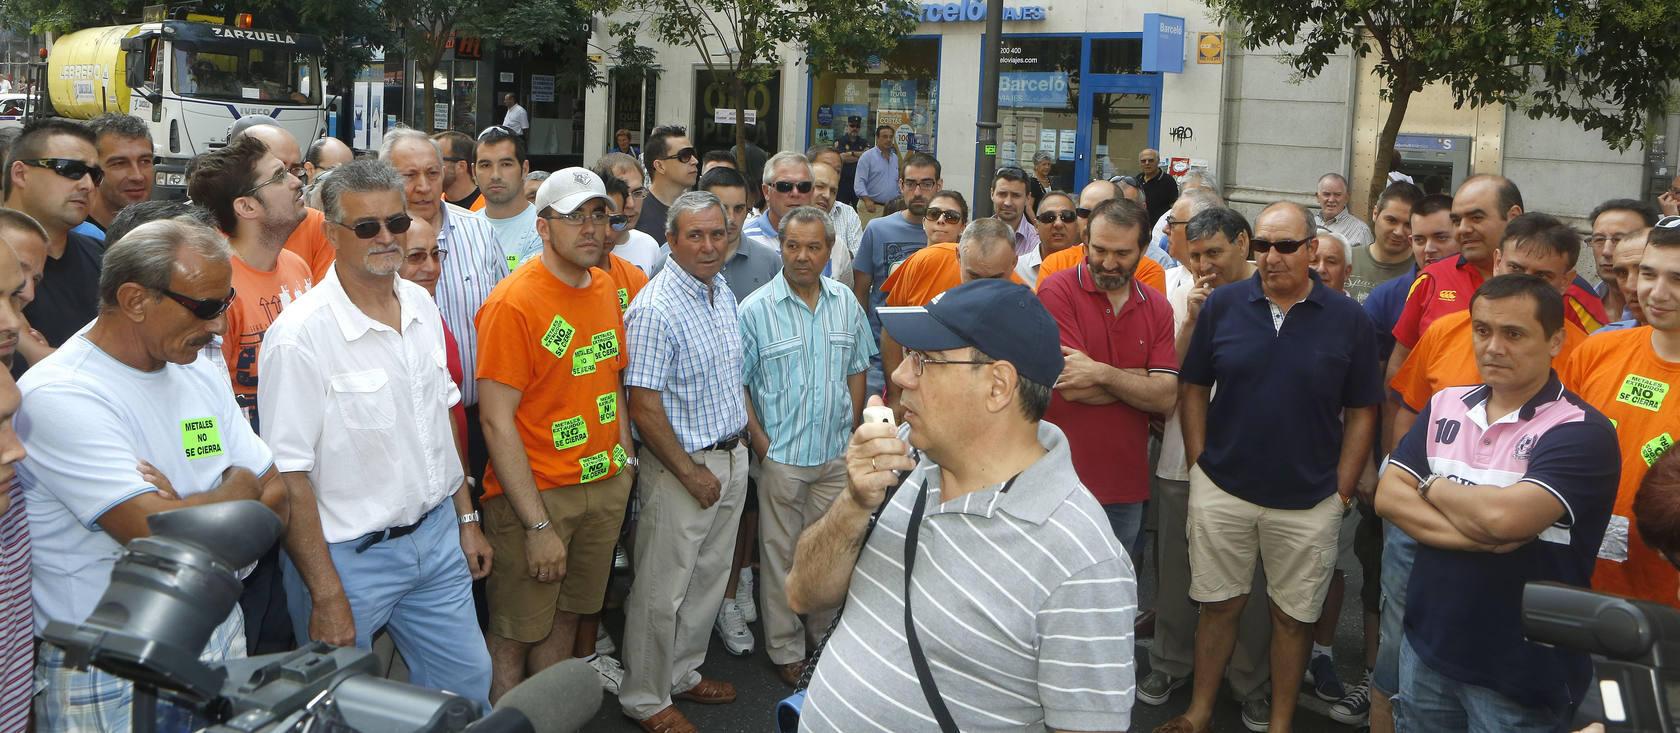 Manifestación de Metales Extruidos en Valladolid